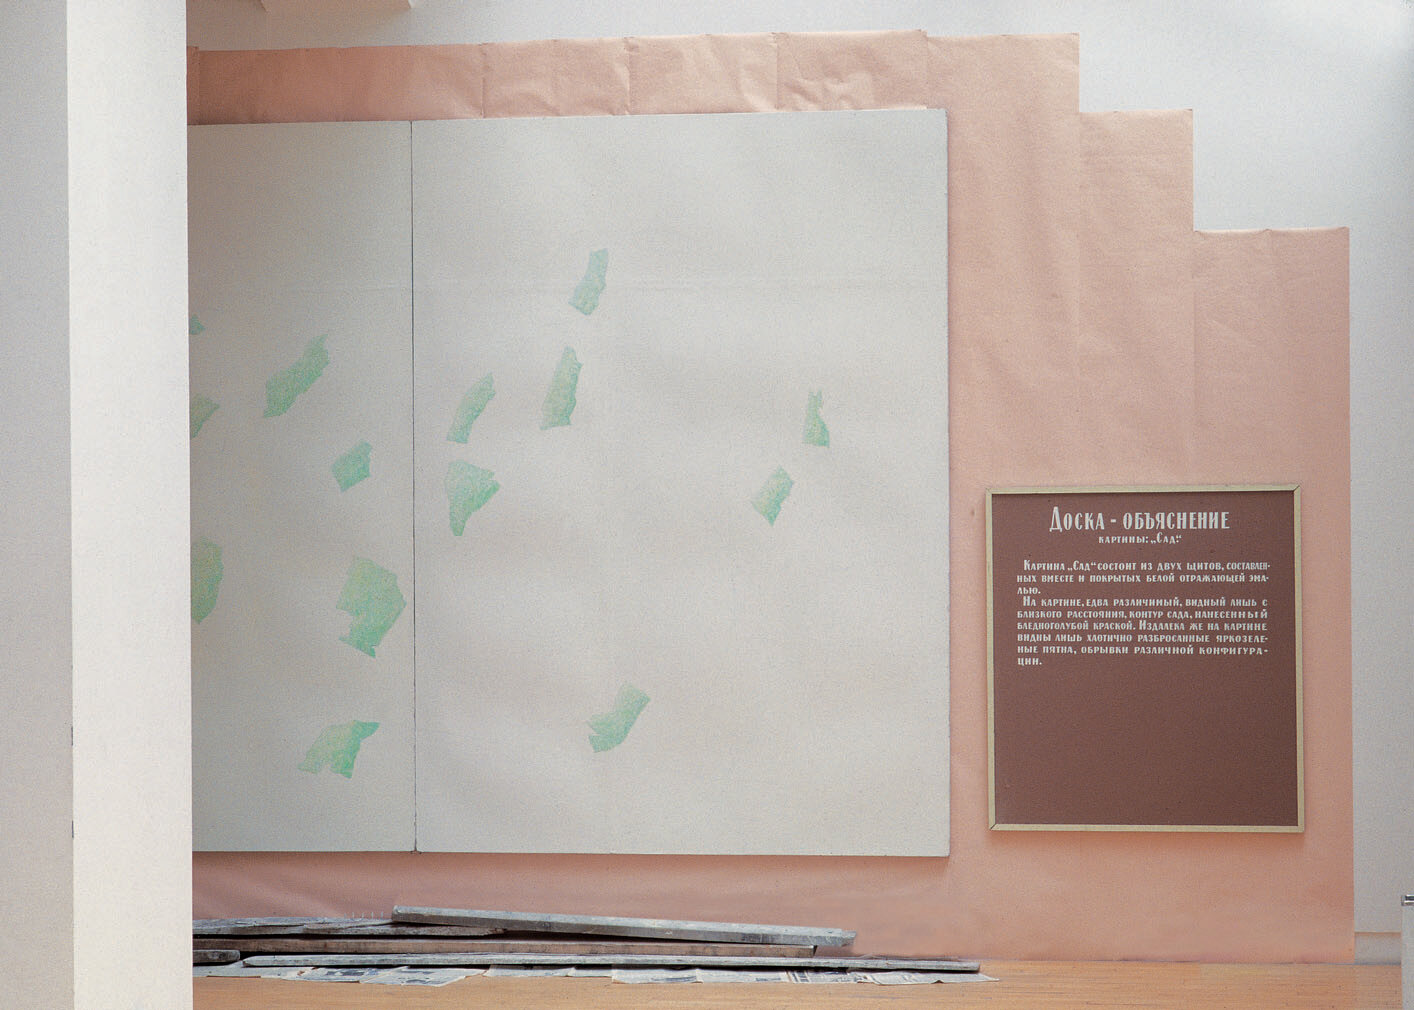 View-of-installation-Galerie-de-France-Paris-1989-Photo-by-Jacques-L'Hoir-1.jpg